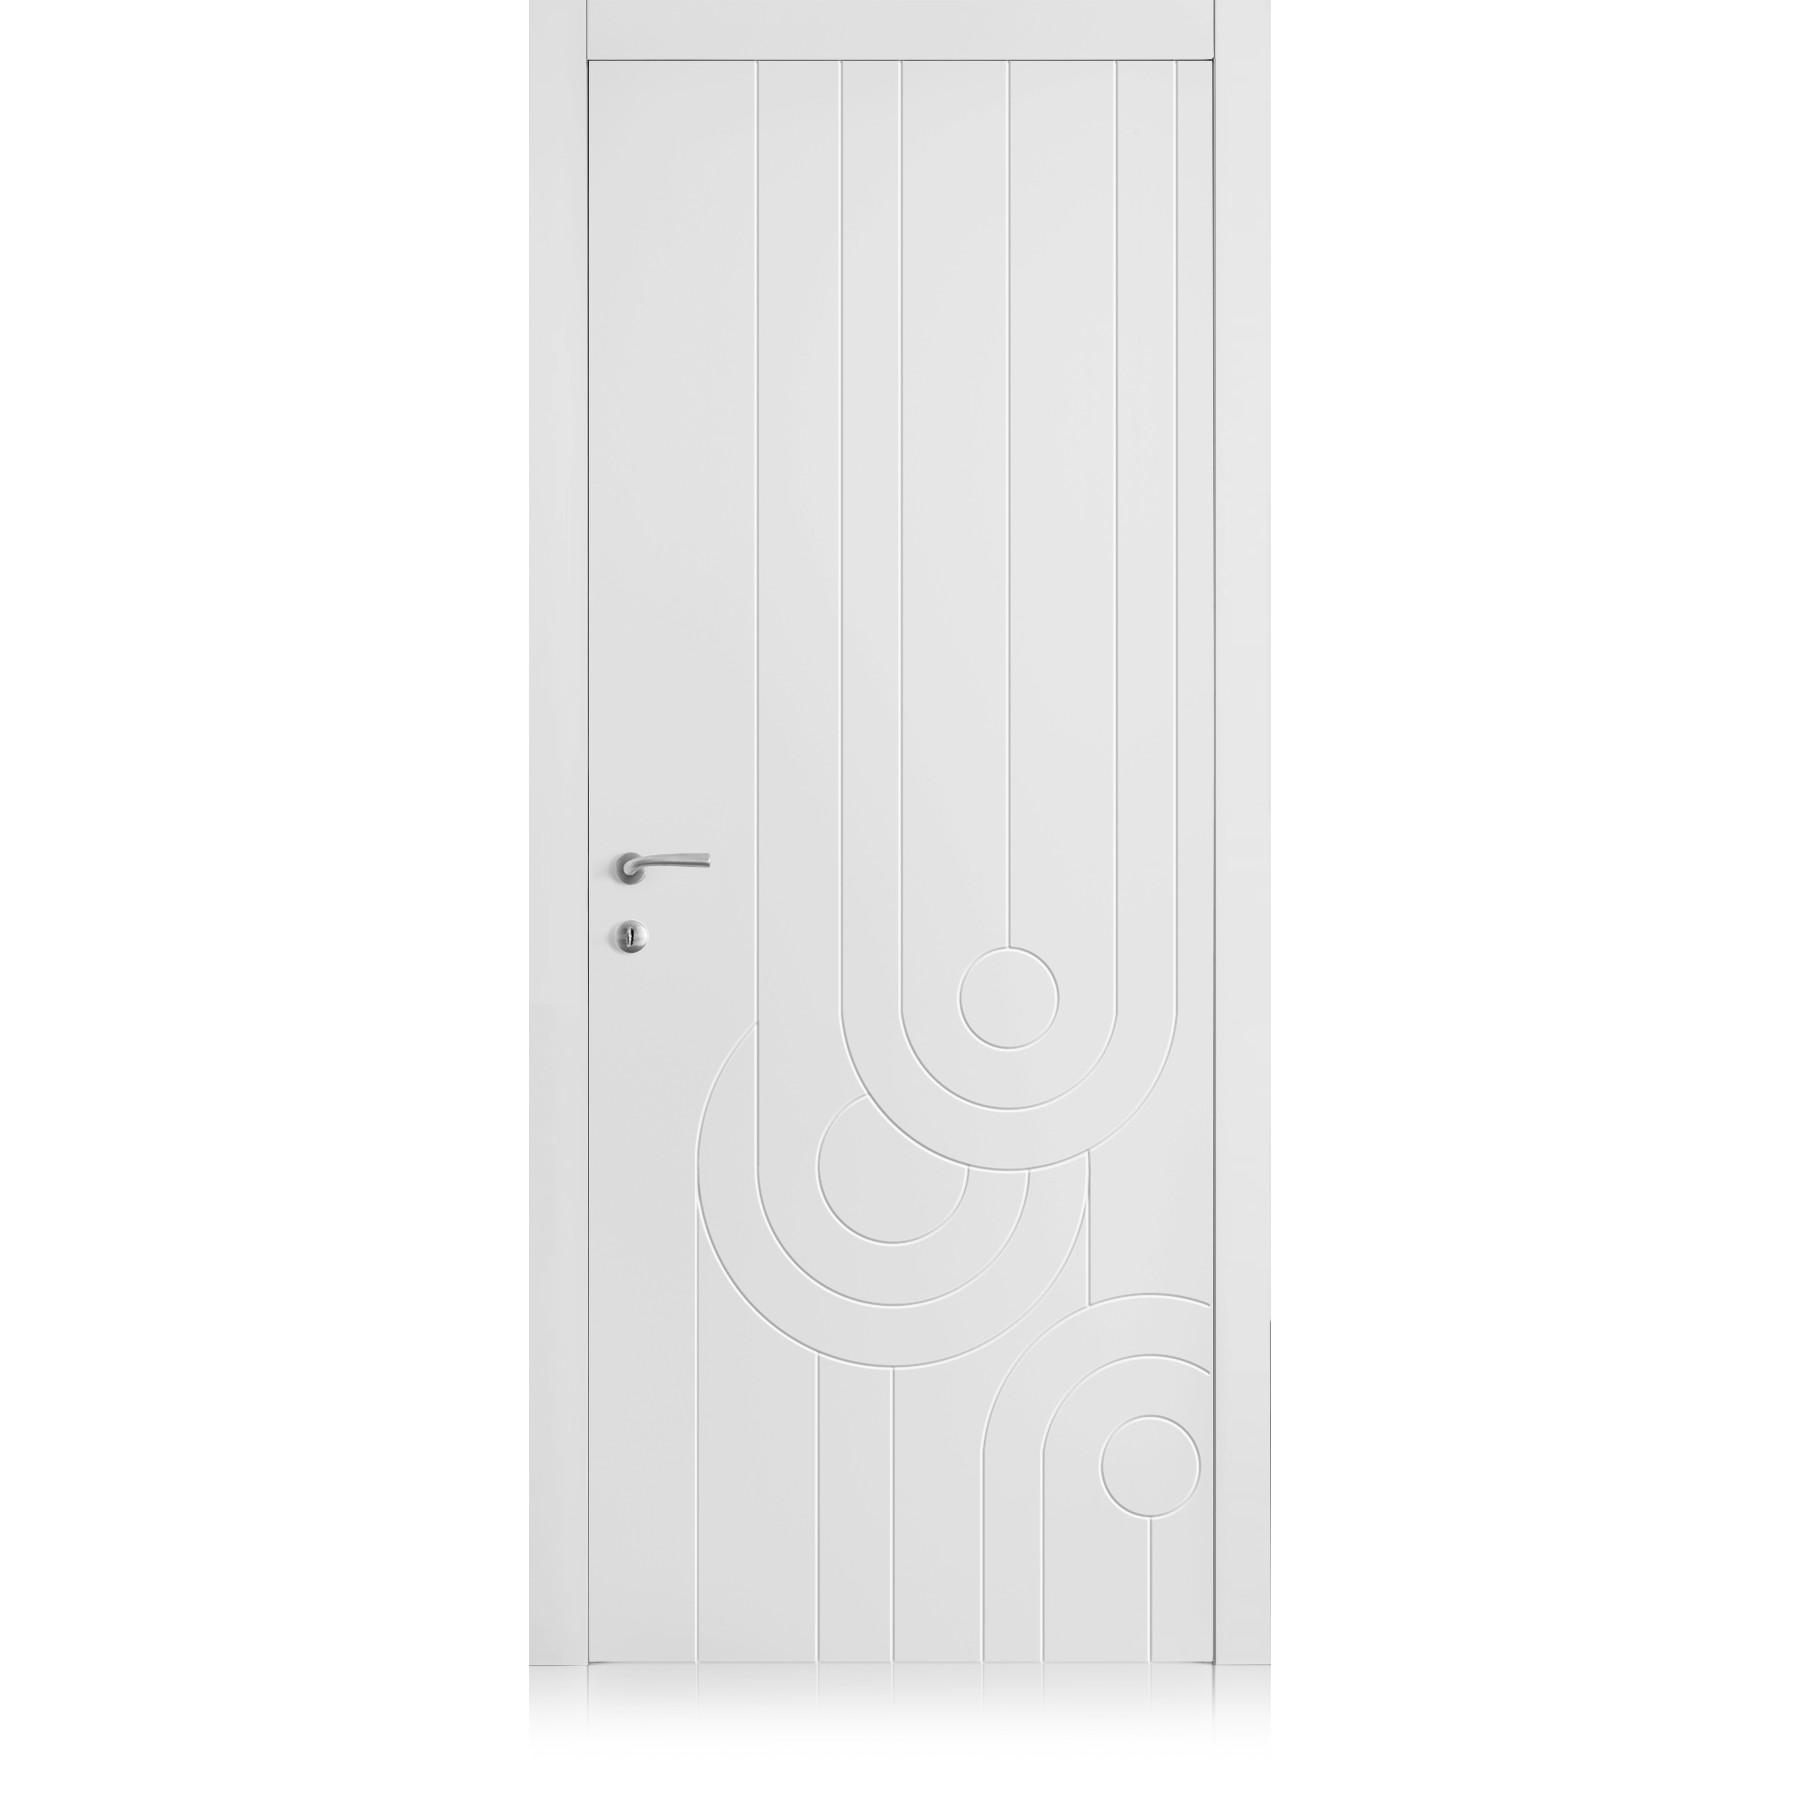 Porte Yncisa 70 Bianco Laccato ULTRAopaco